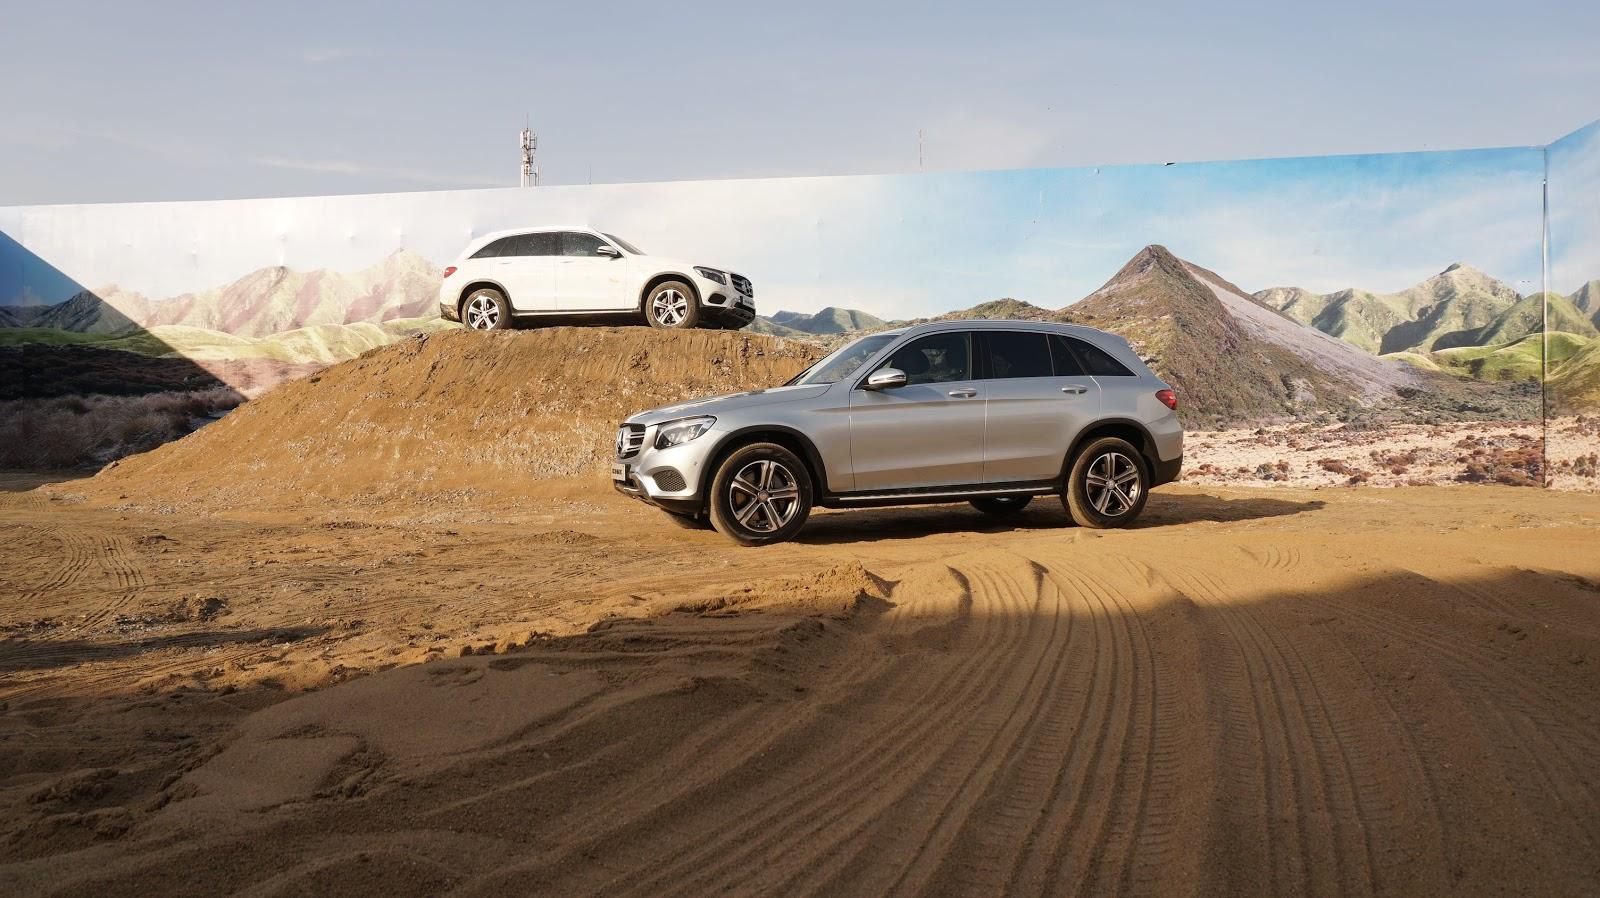 Khả năng offroad của Mercedes Benz GLC phải nói là gây bất ngờ lớn, thực sự là một chiếc xe đa nhiệm